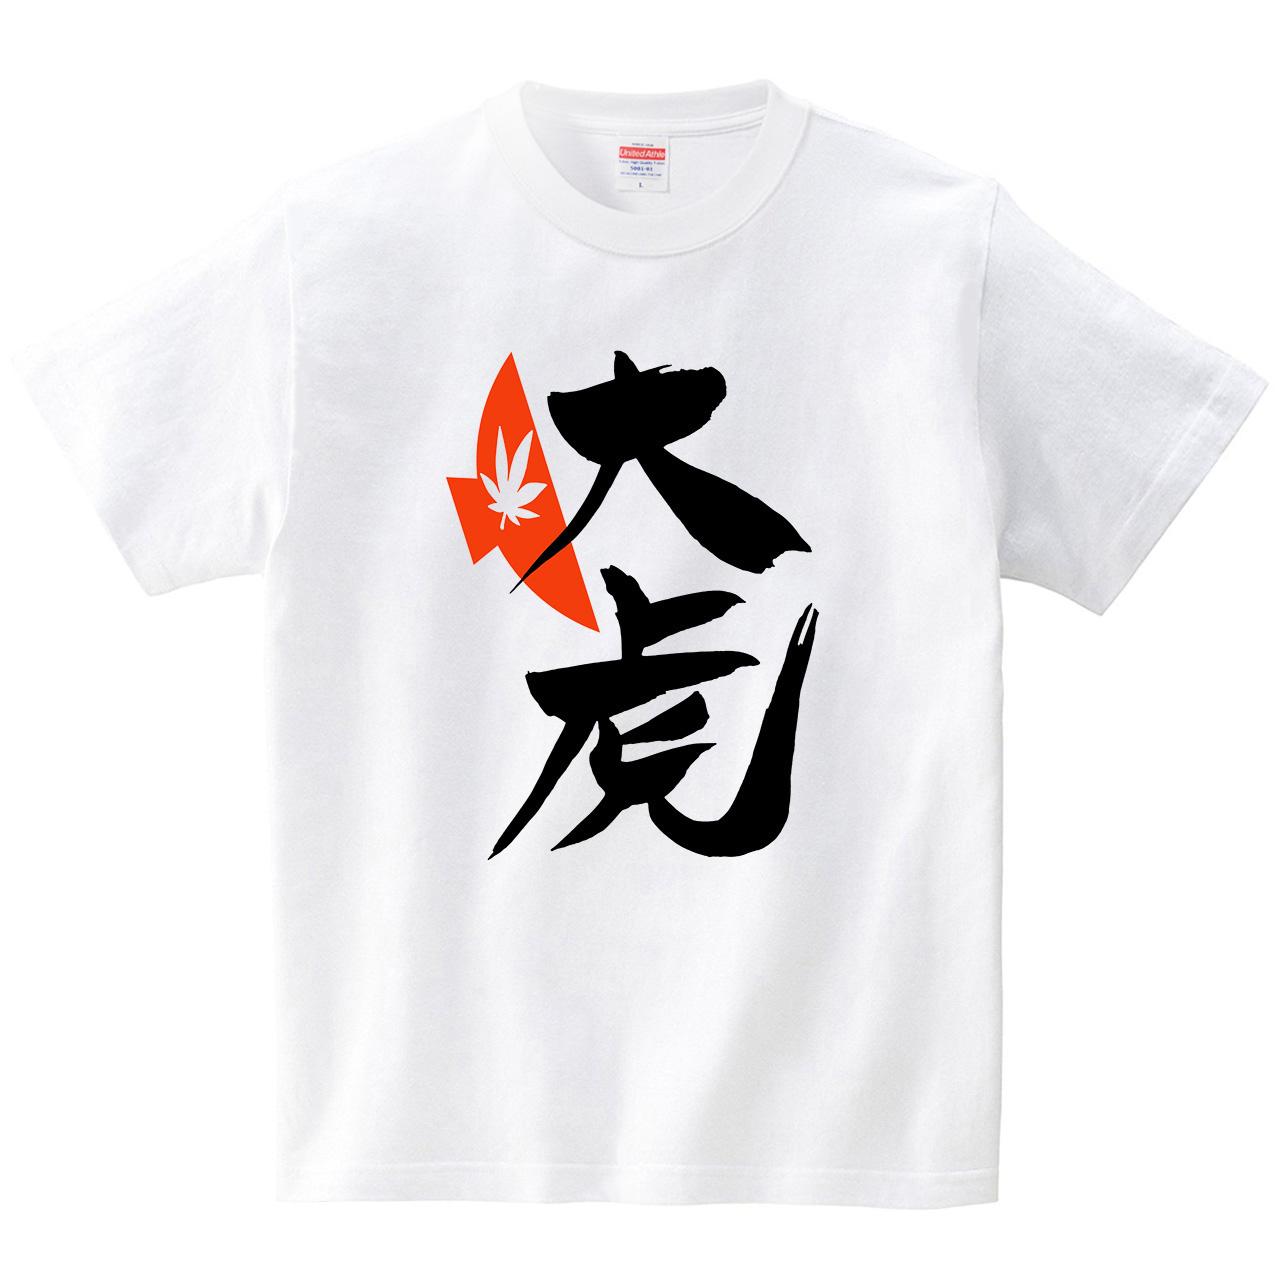 酒呑みTシャツ「大虎」(Tシャツ・ホワイト)(筆文字屋 みやT)